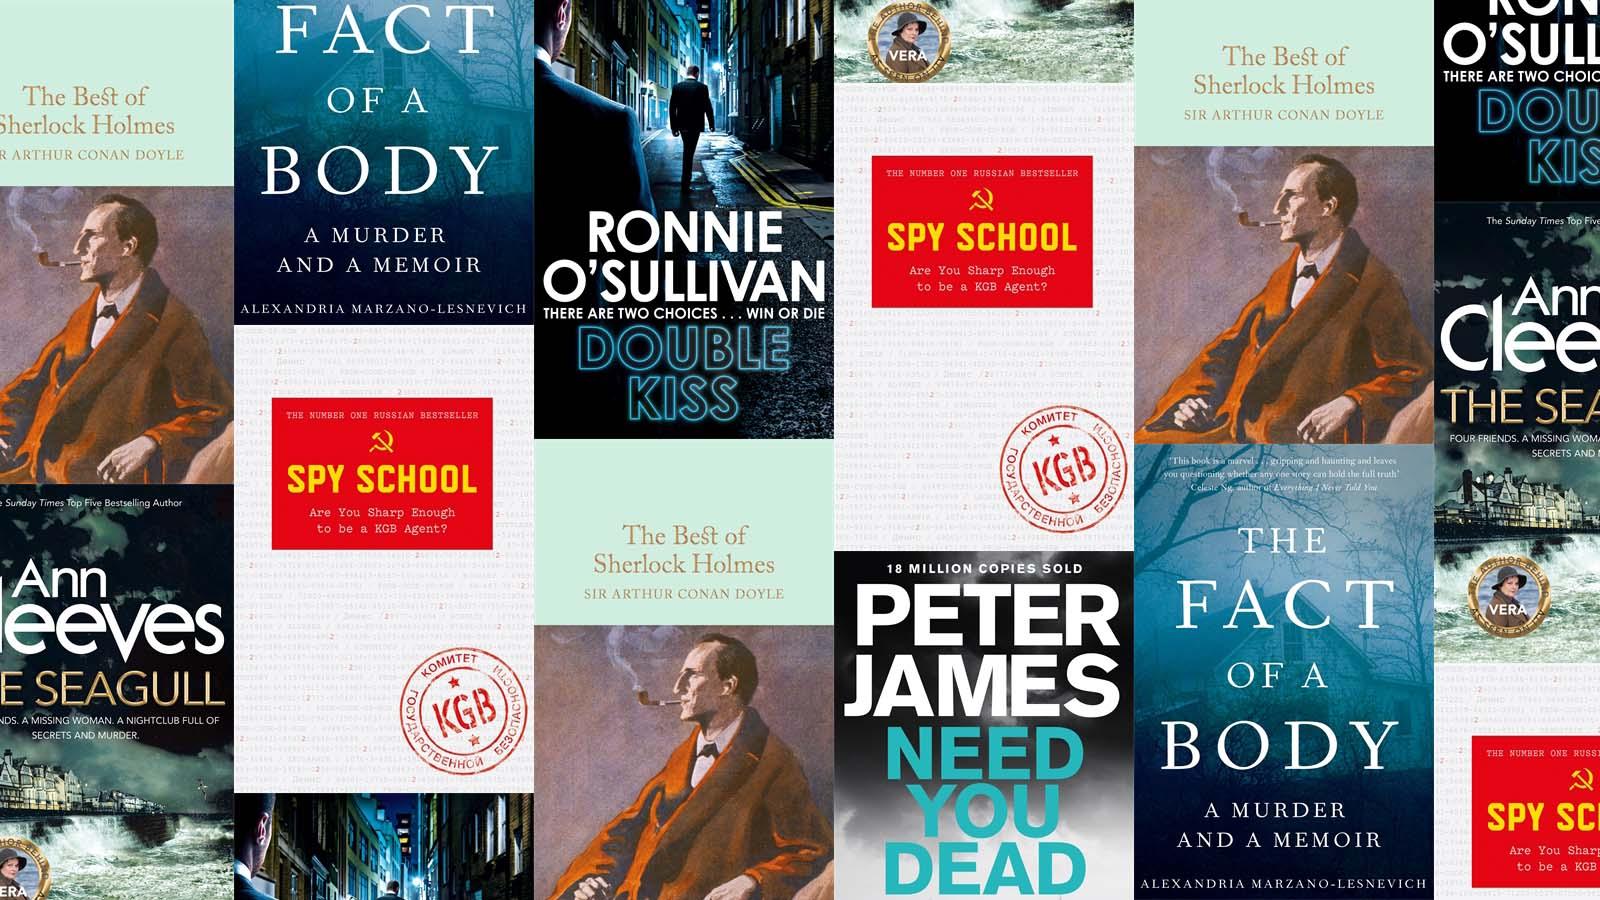 Crime and true crime books